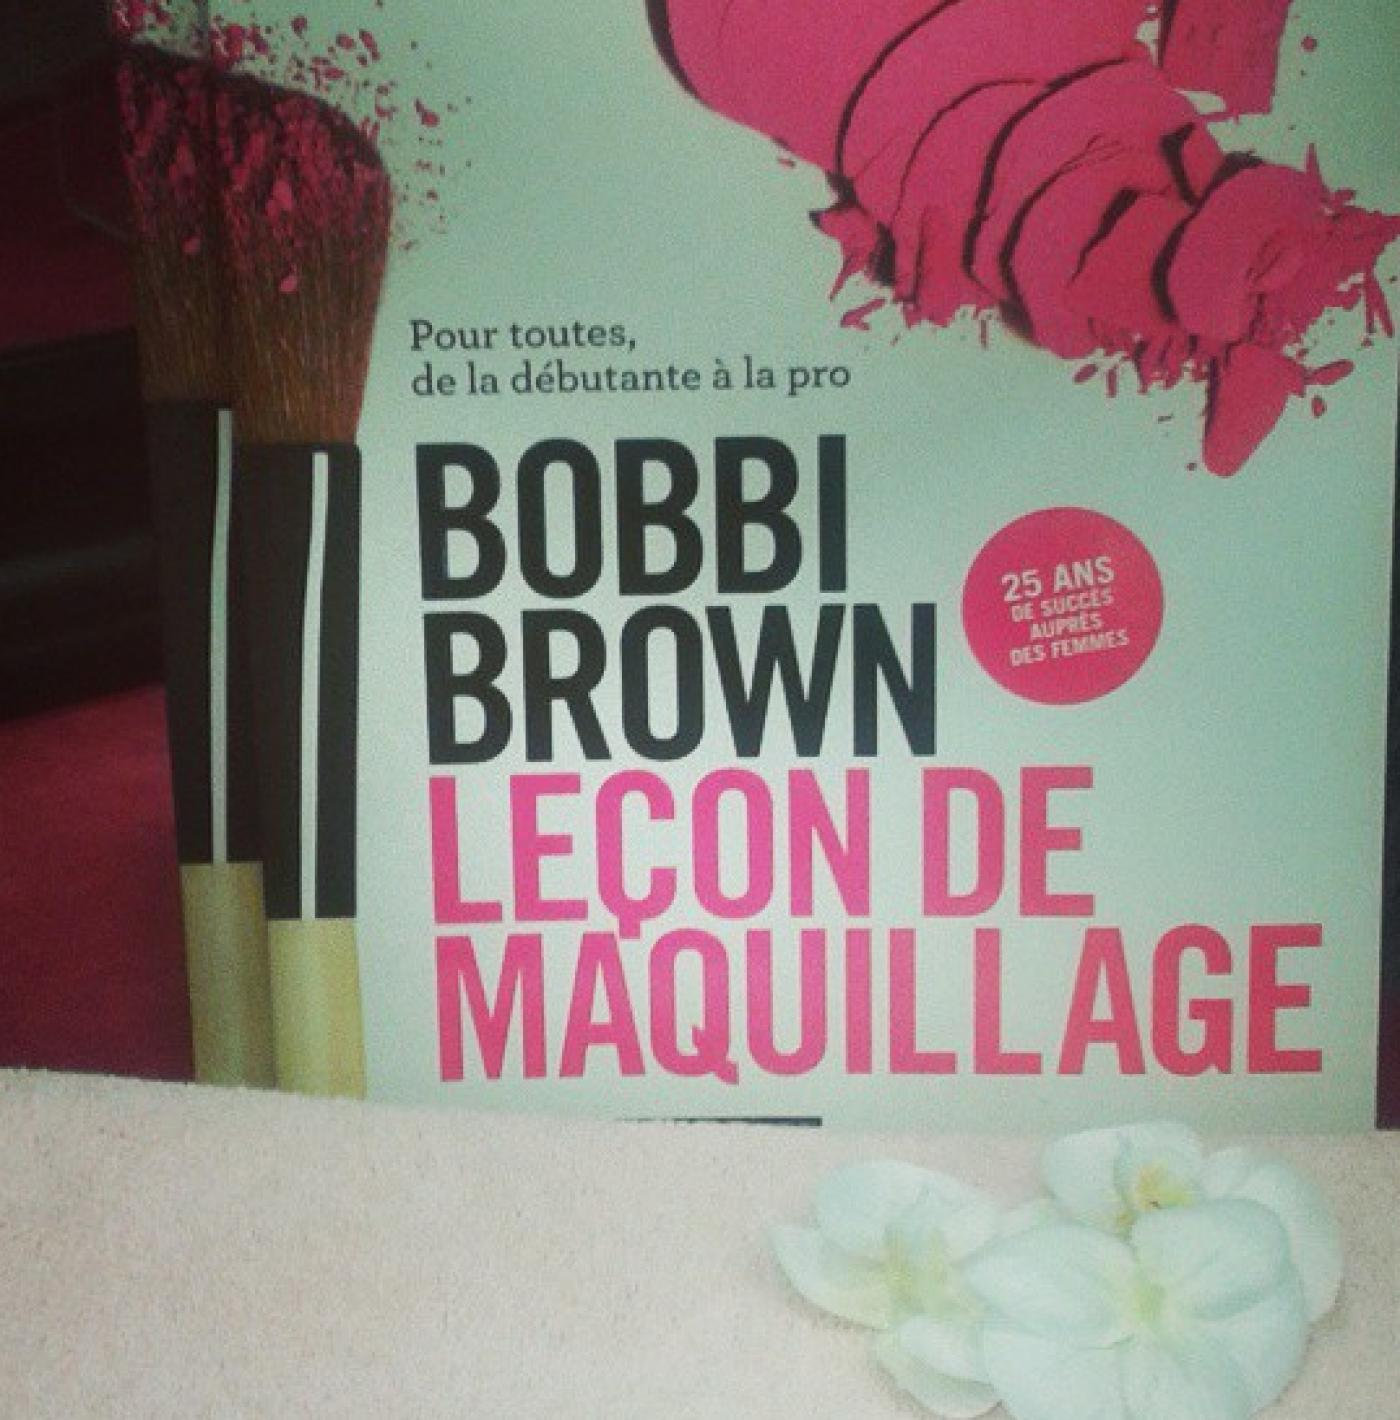 J'ai choisi pour ma meilleure amie le livre de Bobbi Brown